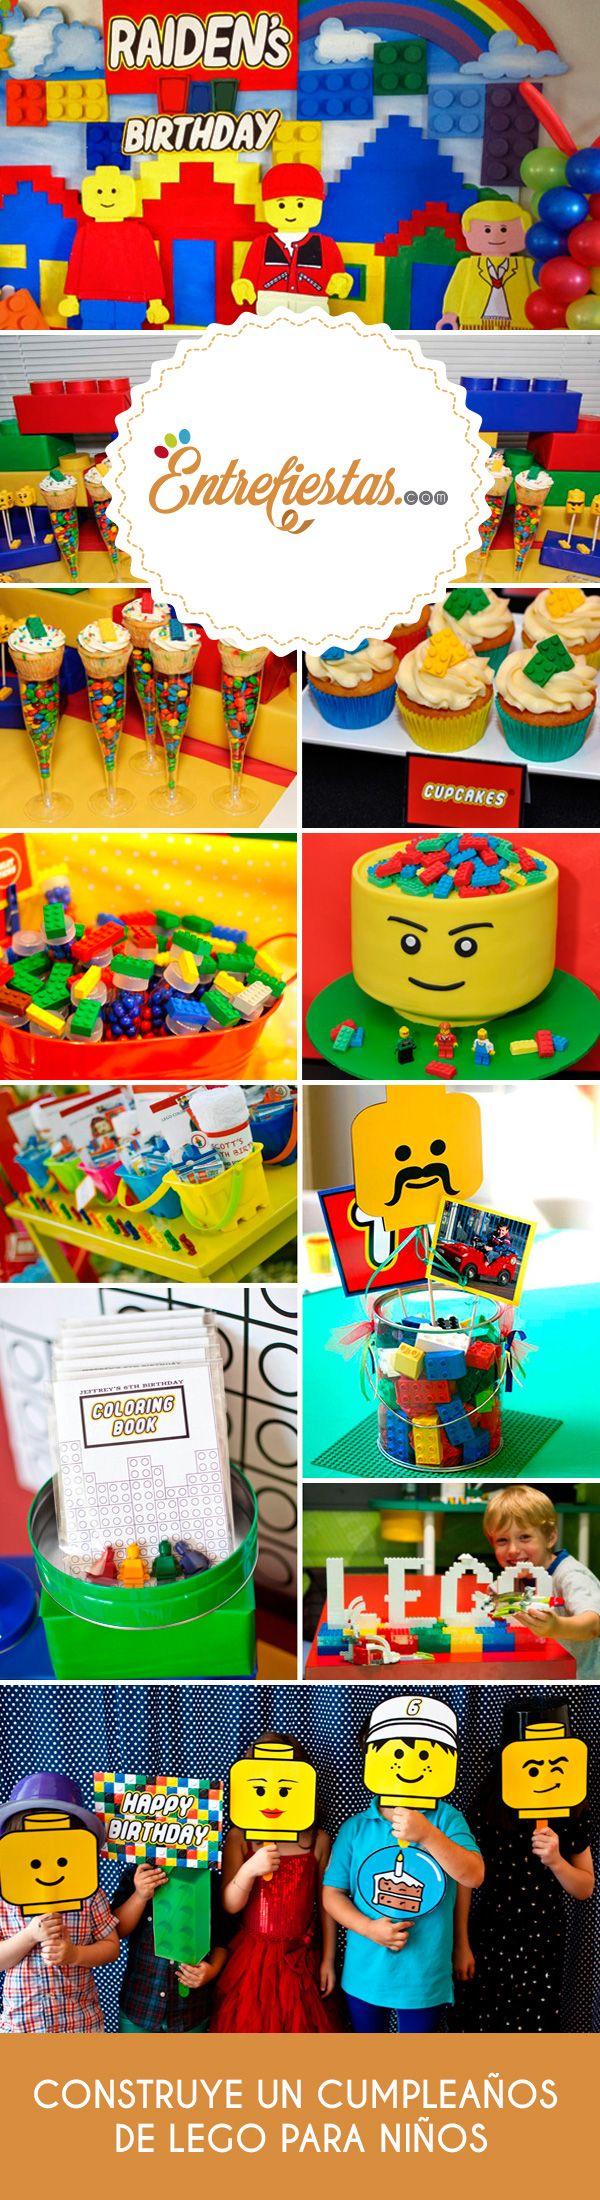 Un cumpleaños inspirado en Lego es una excelente opción que llenará de color la fiesta mientras combina ese día tan especial con una de las grandes pasiones de todo chico: construir su propio juego. No lo dudes más y atrévete a usar este juego que ha seducido a varias generaciones para armar en tu fiesta una experiencia sin igual.